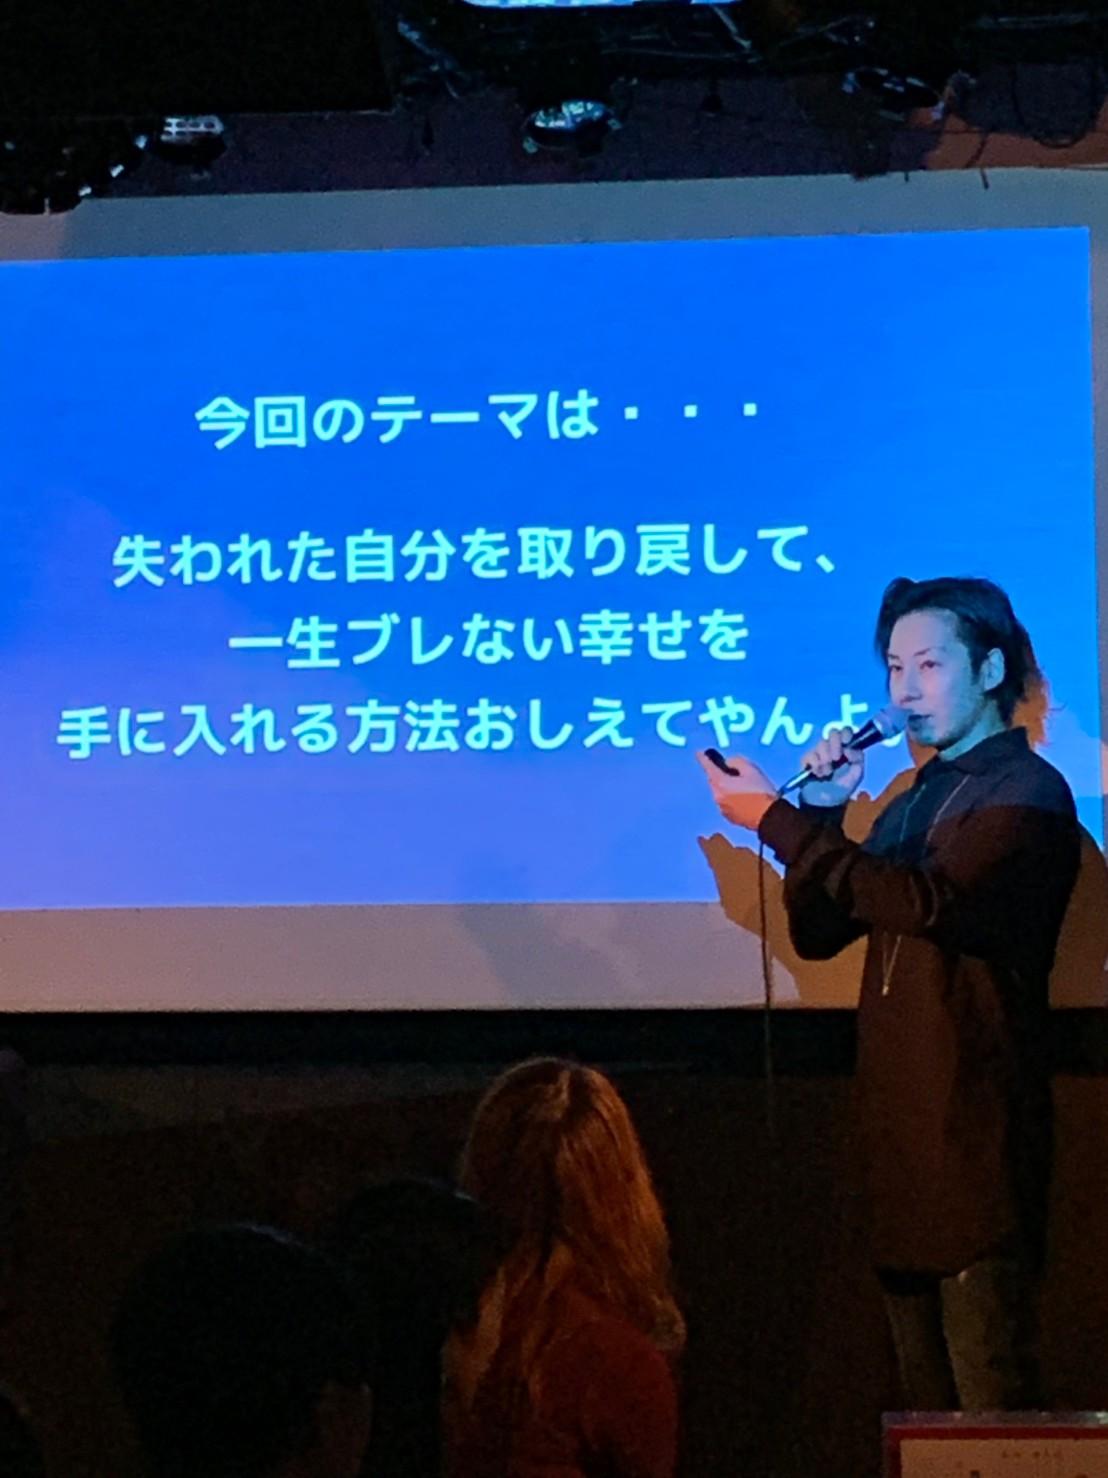 令和元年9月21日(土)ラブズカフェ2.5@東京開催!(SOLD OUT)のイメージ